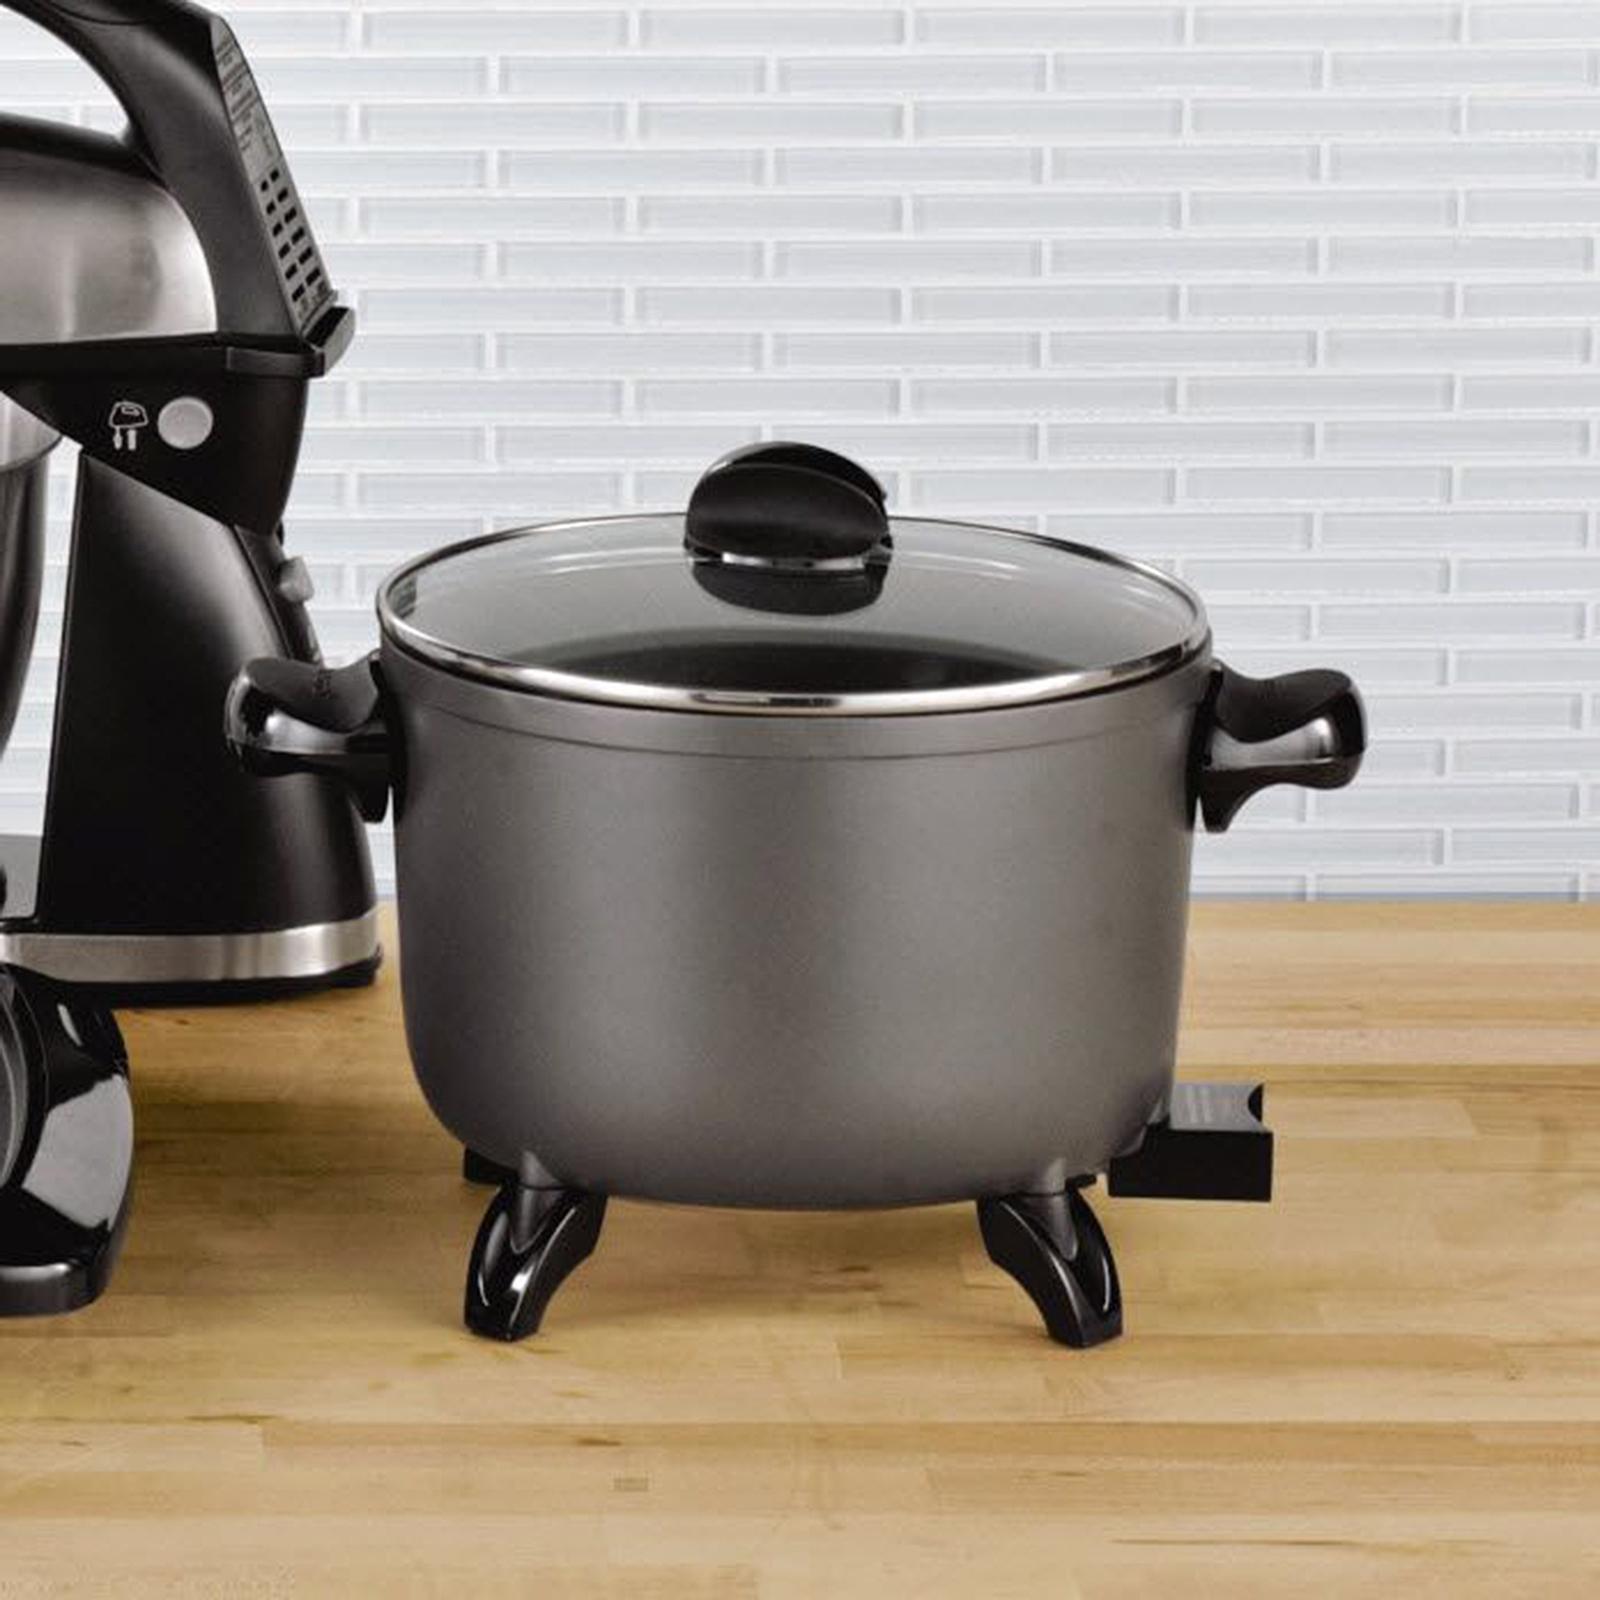 Exceptionnel Presto Kitchen Kettle Multi Cooker Steamer Presto 06000 Kitchen Kettle  Electric Multi Cooker Steamer 6qt .